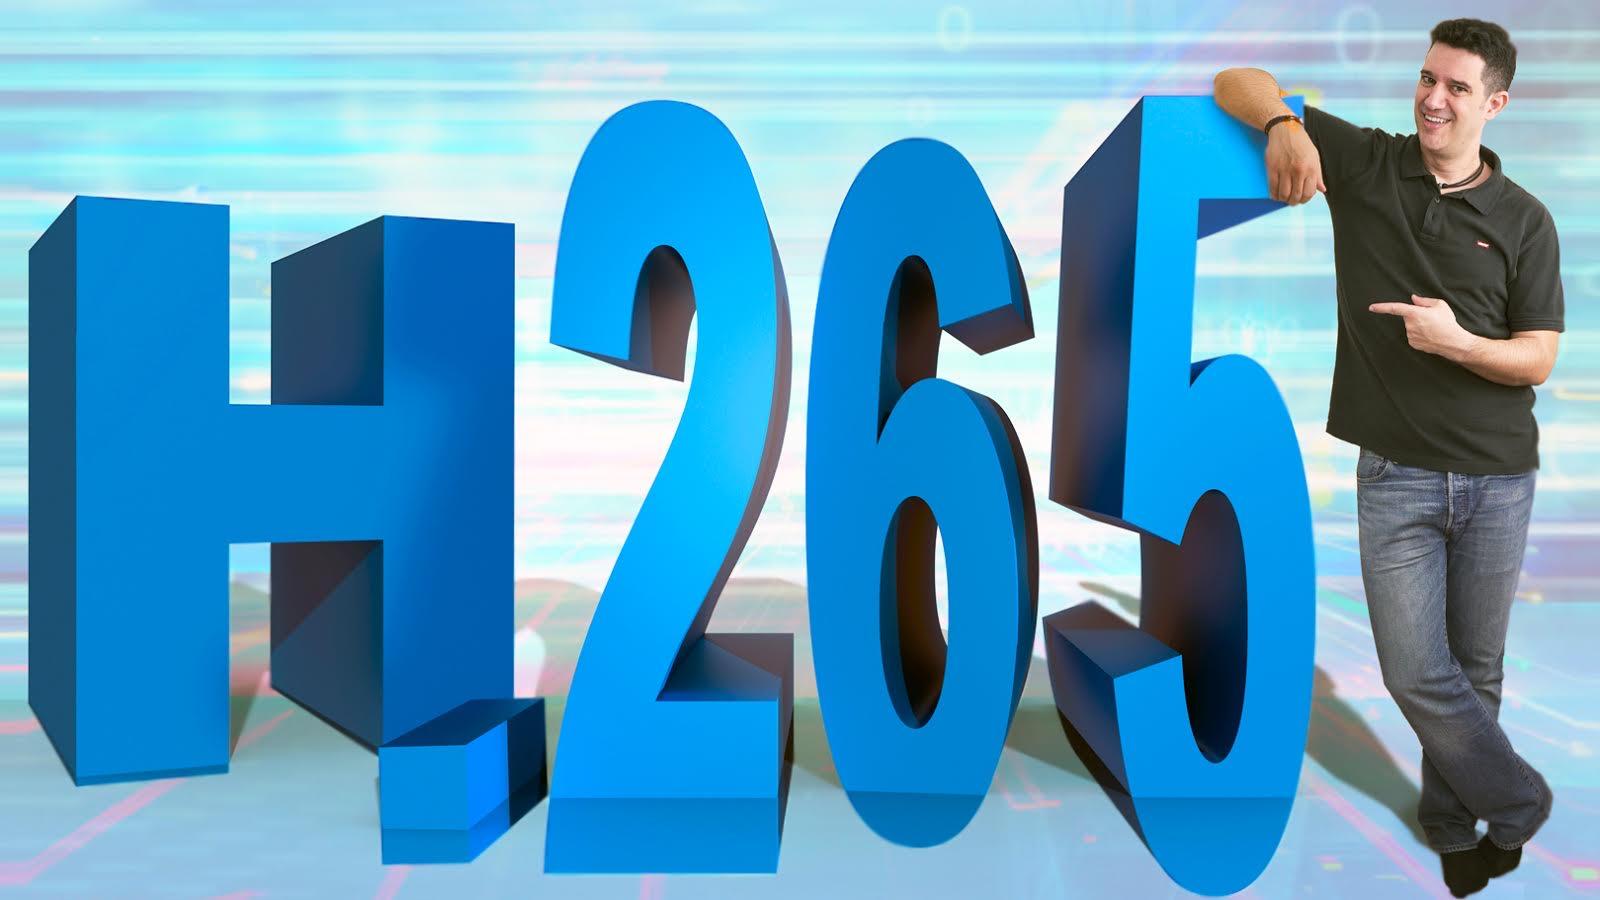 HEVC (H.265) El MEJOR CÓDEC para subir vídeos a INTERNET